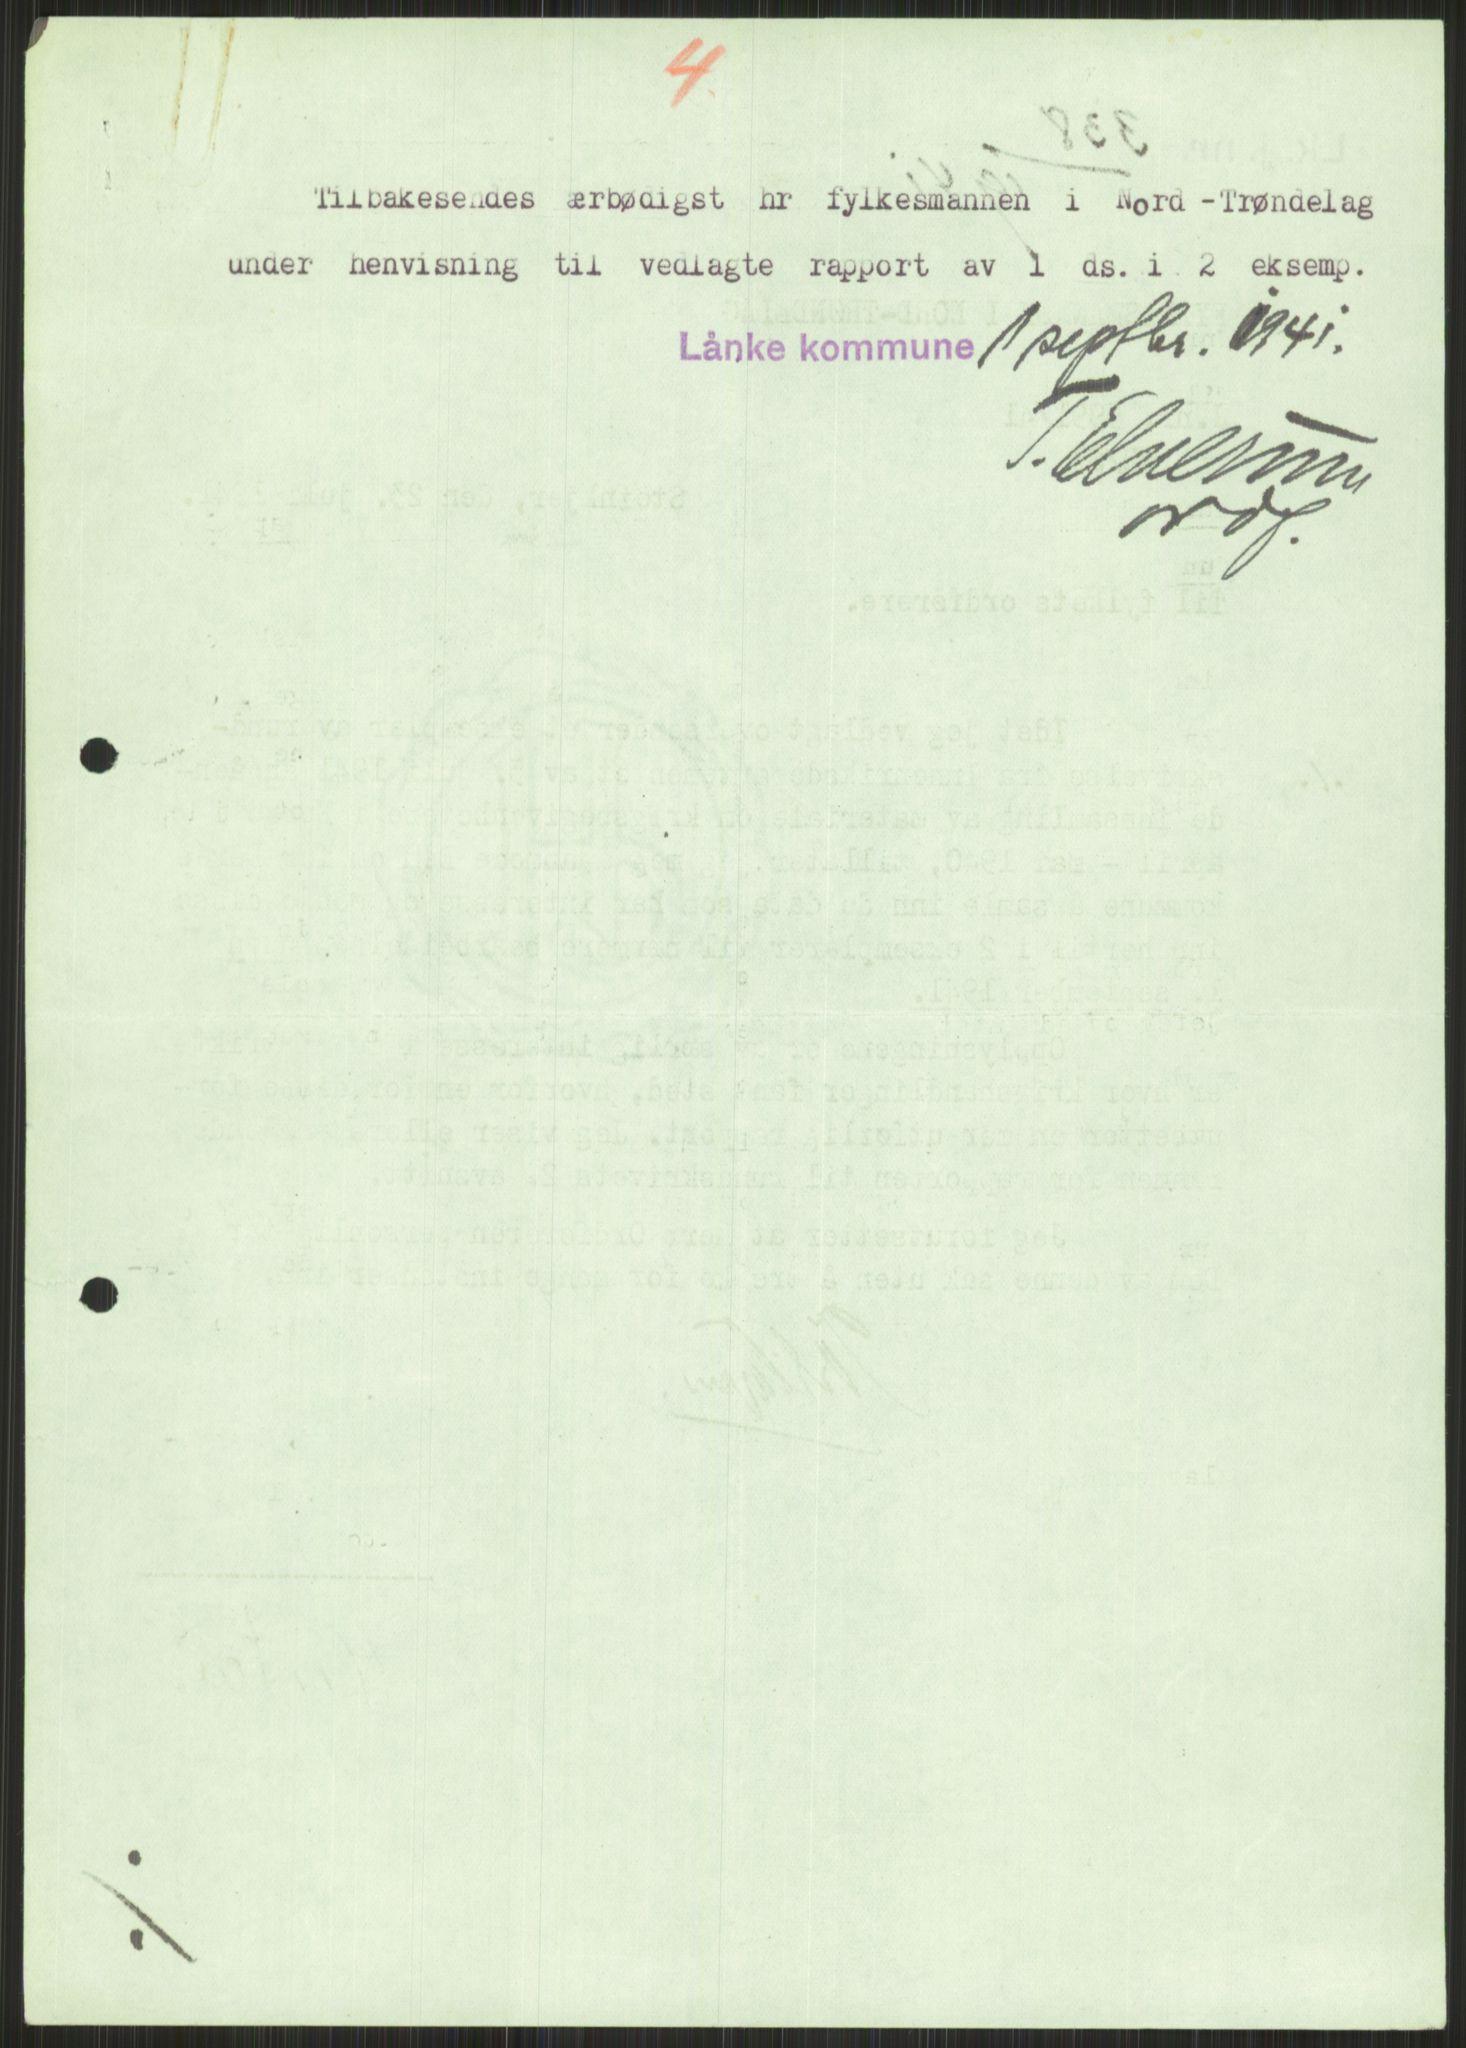 RA, Forsvaret, Forsvarets krigshistoriske avdeling, Y/Ya/L0016: II-C-11-31 - Fylkesmenn.  Rapporter om krigsbegivenhetene 1940., 1940, p. 499